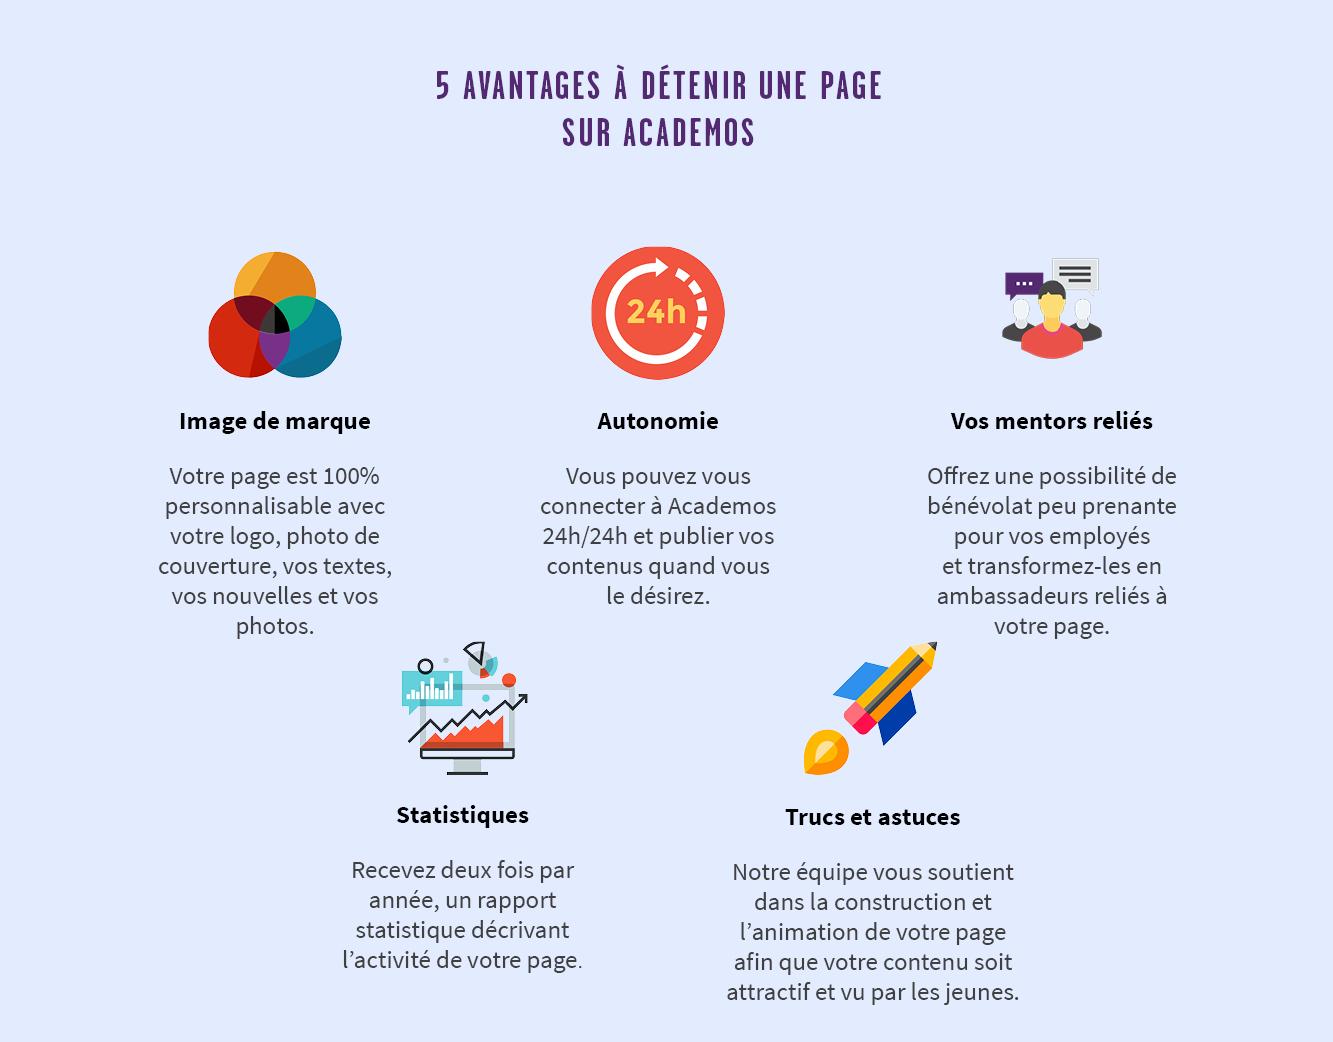 5_avantages_page